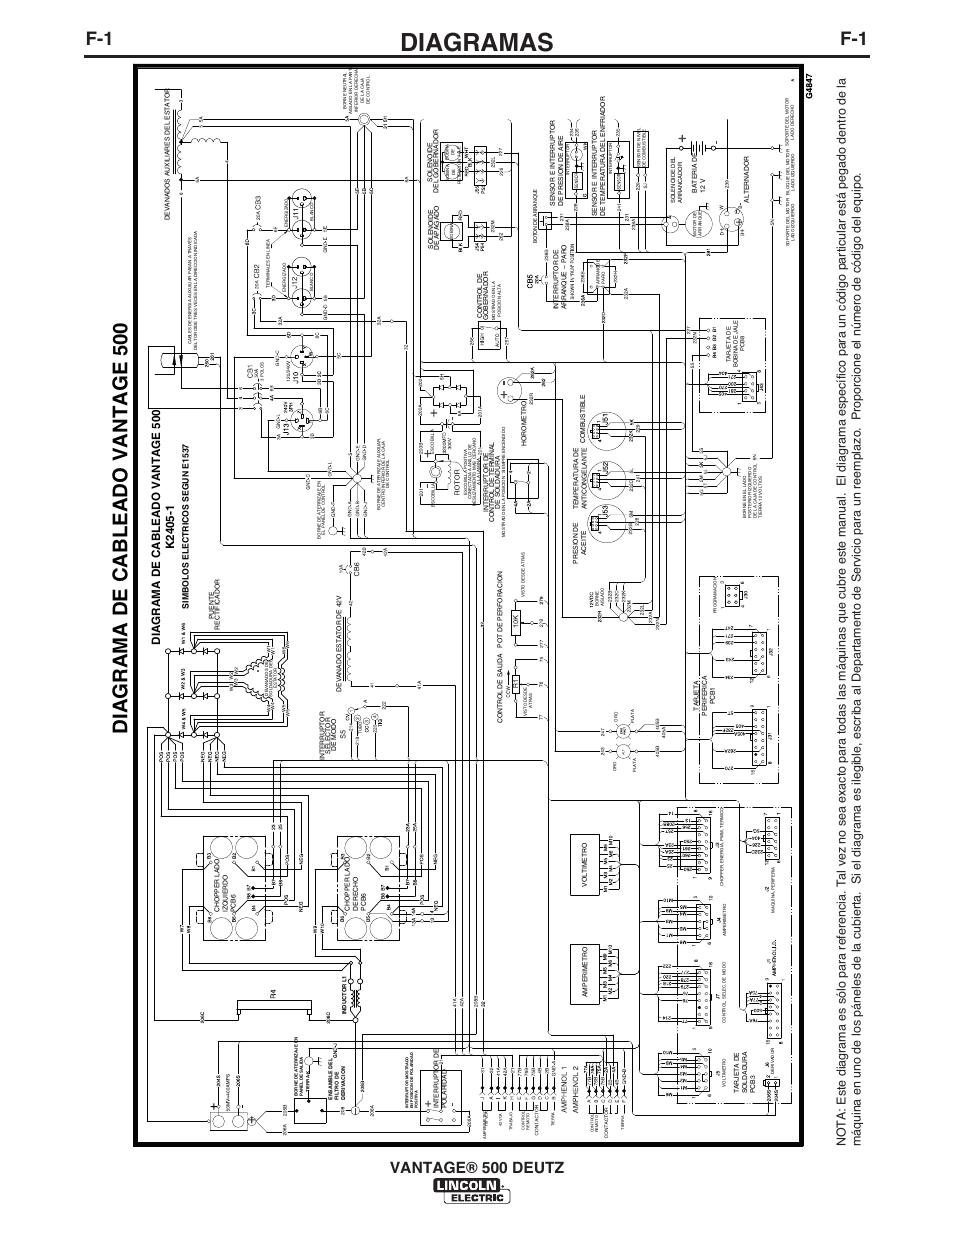 garmin chartplotter diagrama de cableado